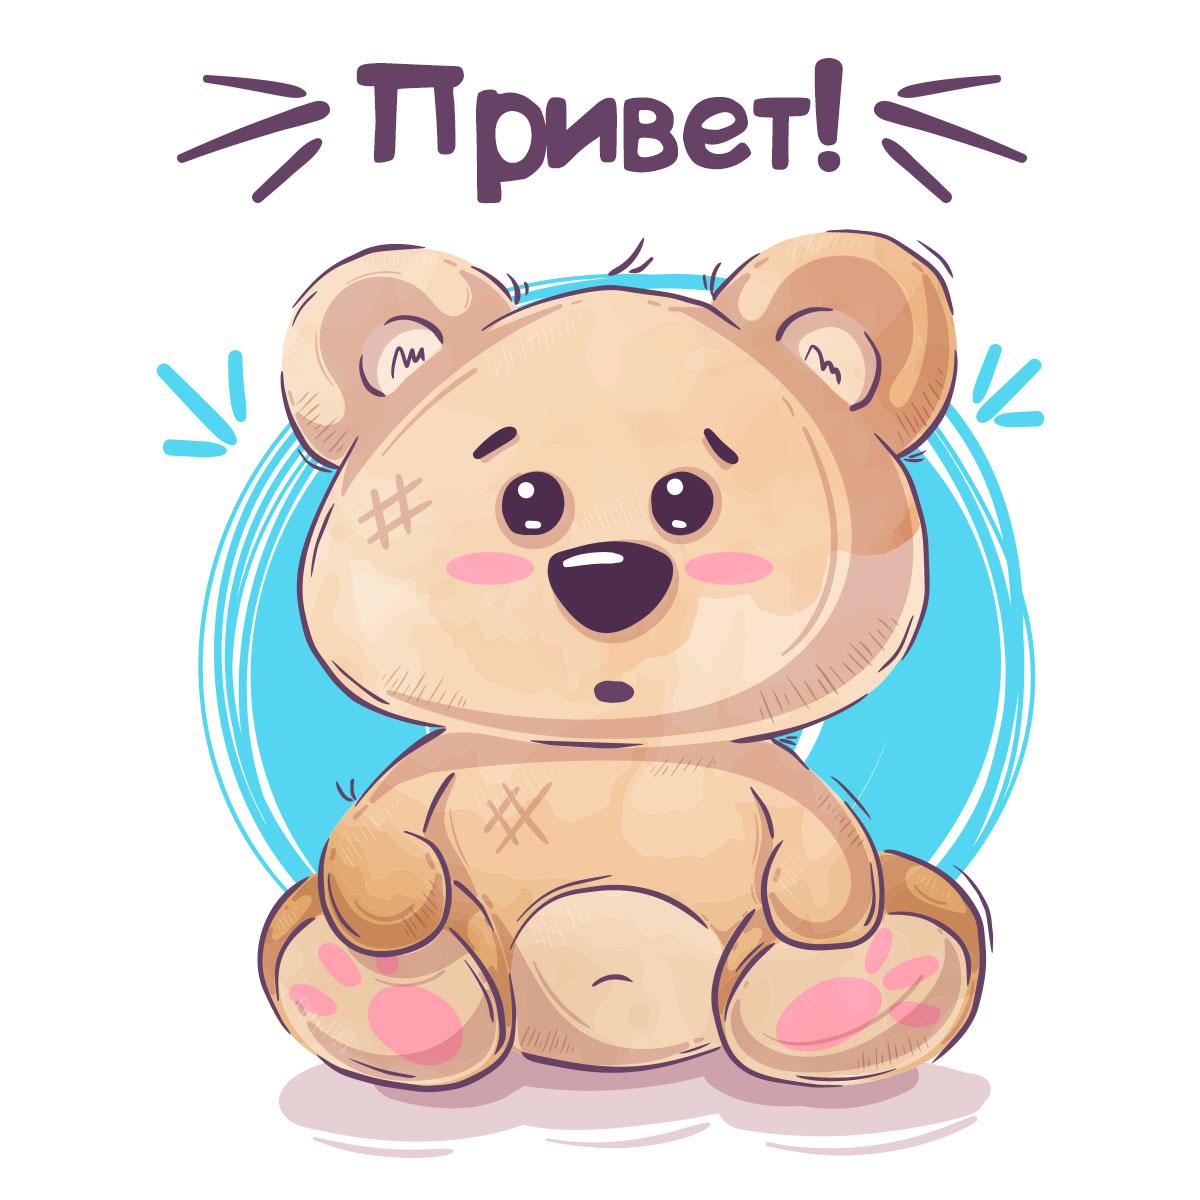 Картинка мультипликационная для открытки со словом привет с мягким игрушечным медведем тедди на фоне синего круга.